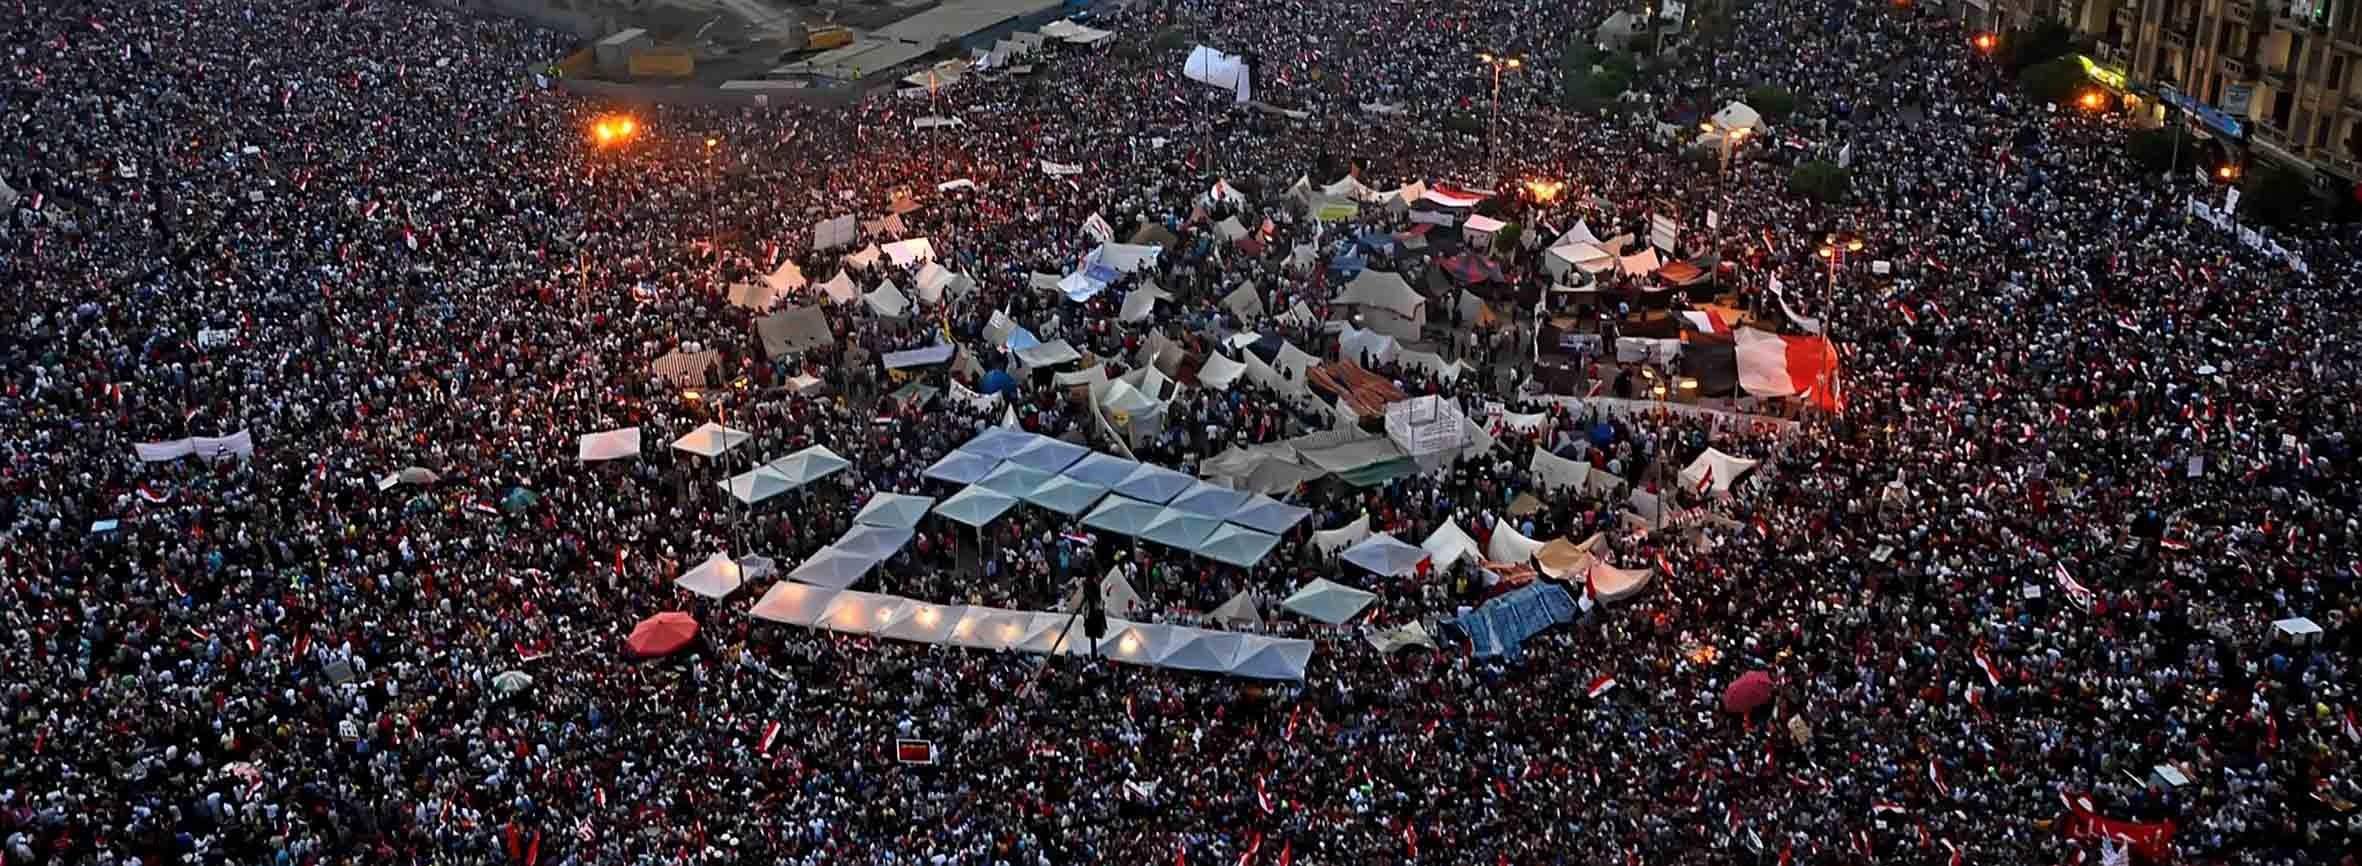 ماذا حدث بعد 30 يونيو؟.. حكايات المصريين عن «العودة إلى الكنبة»